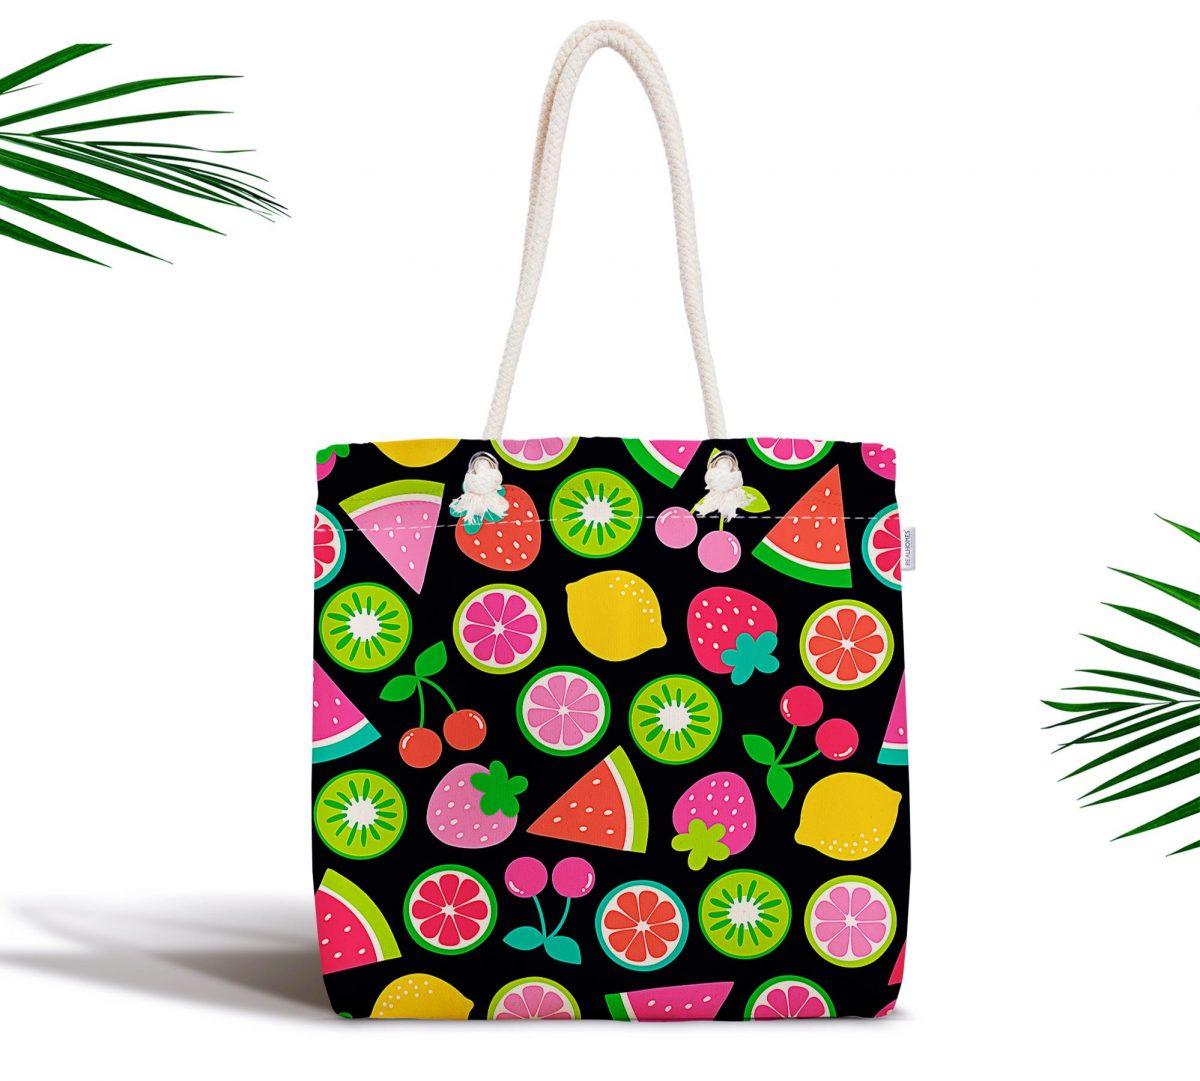 Siyah Zeminli Meyveler Tasarımlı Dijital Baskılı Fermuarlı Kumaş Çanta Realhomes